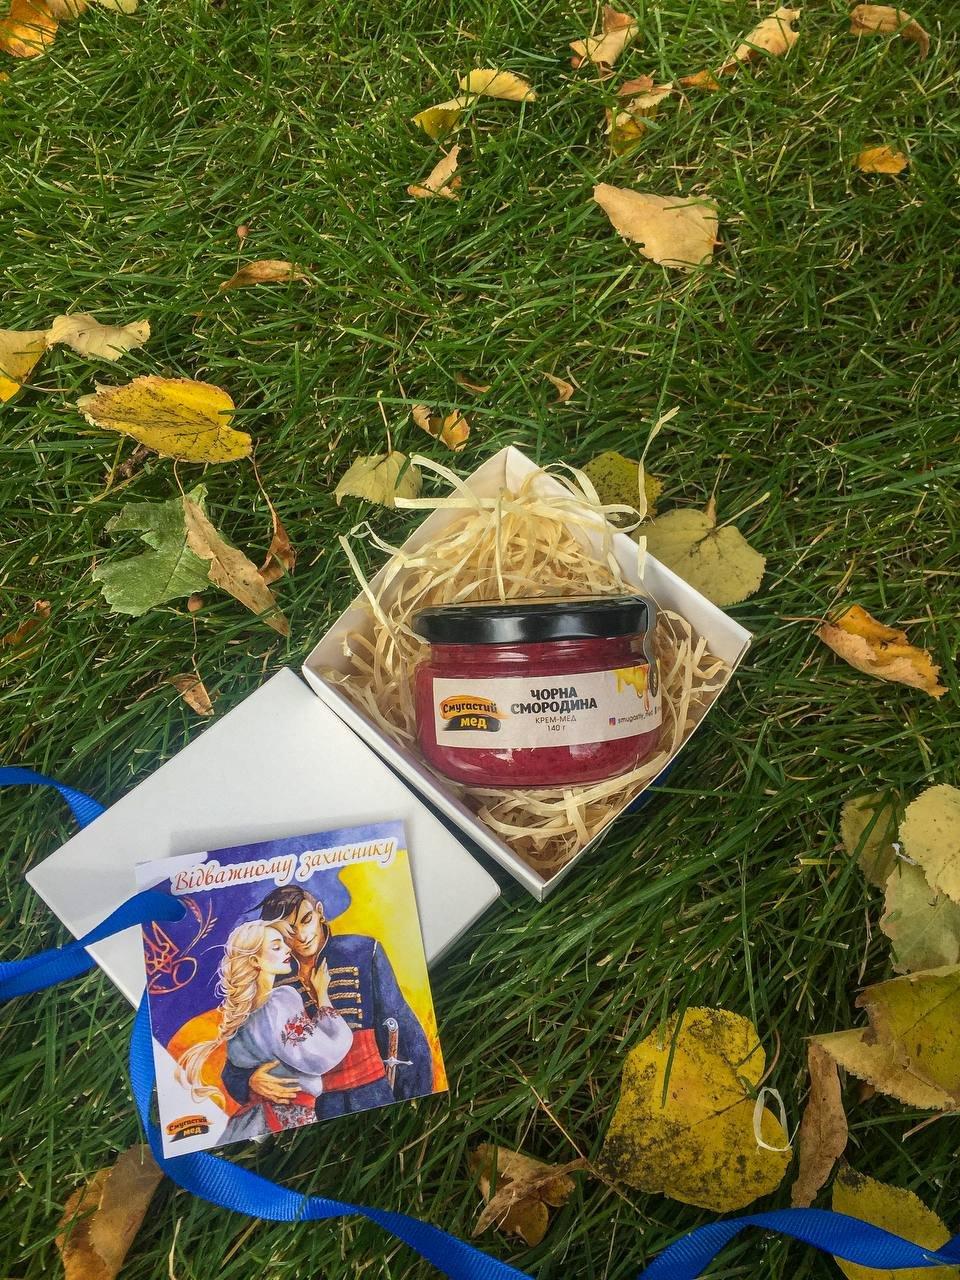 Что подарить мужчине на 14 октября - День защитников Украины? Подарочные наборы с wow-эффектом, фото-4